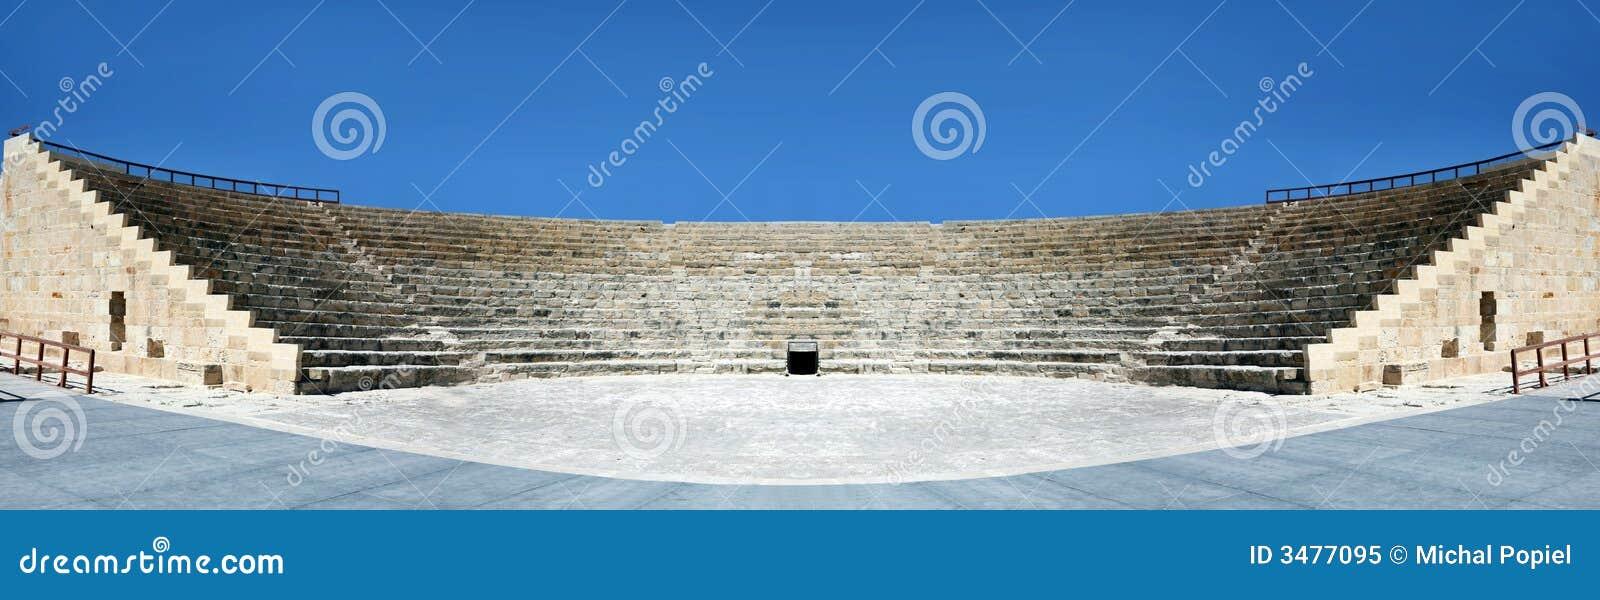 αμφιθέατρο ελληνικά